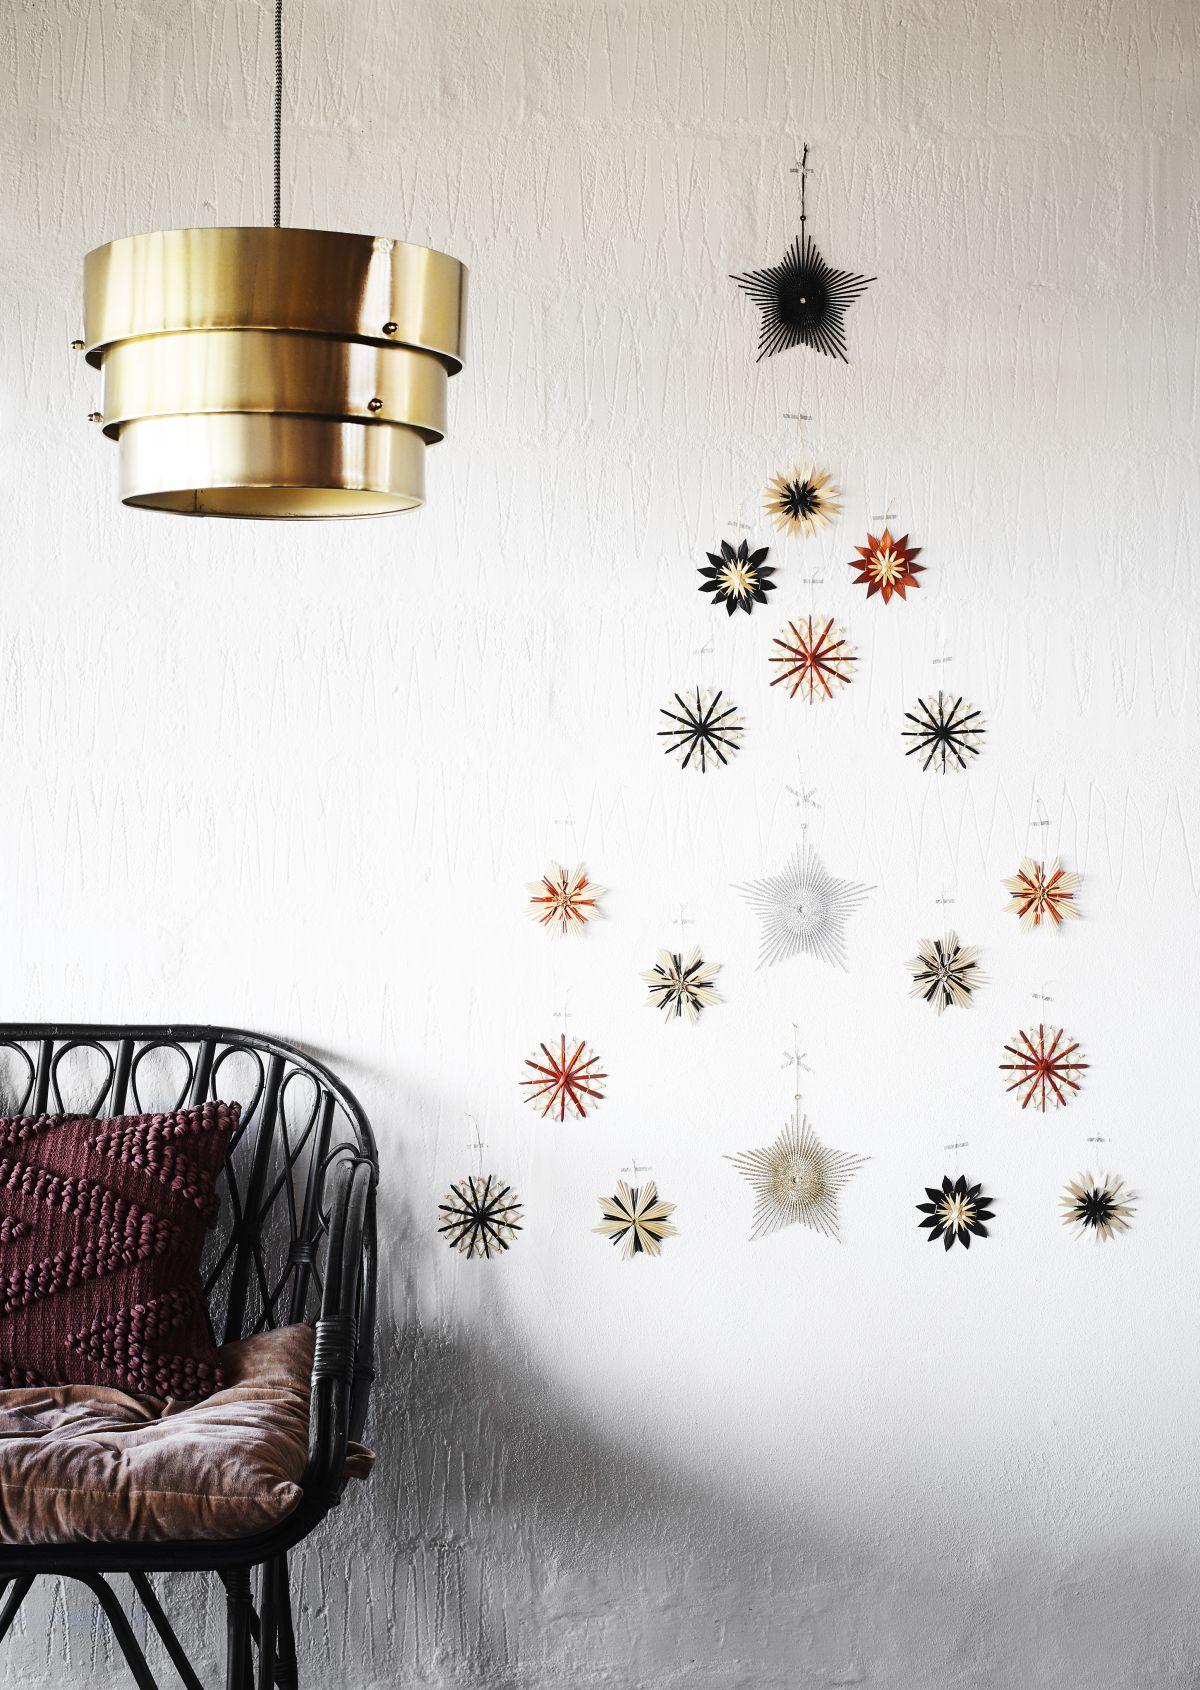 Ozdoby świąteczne - kompozycja w kształcie choinki - Madam Stoltz